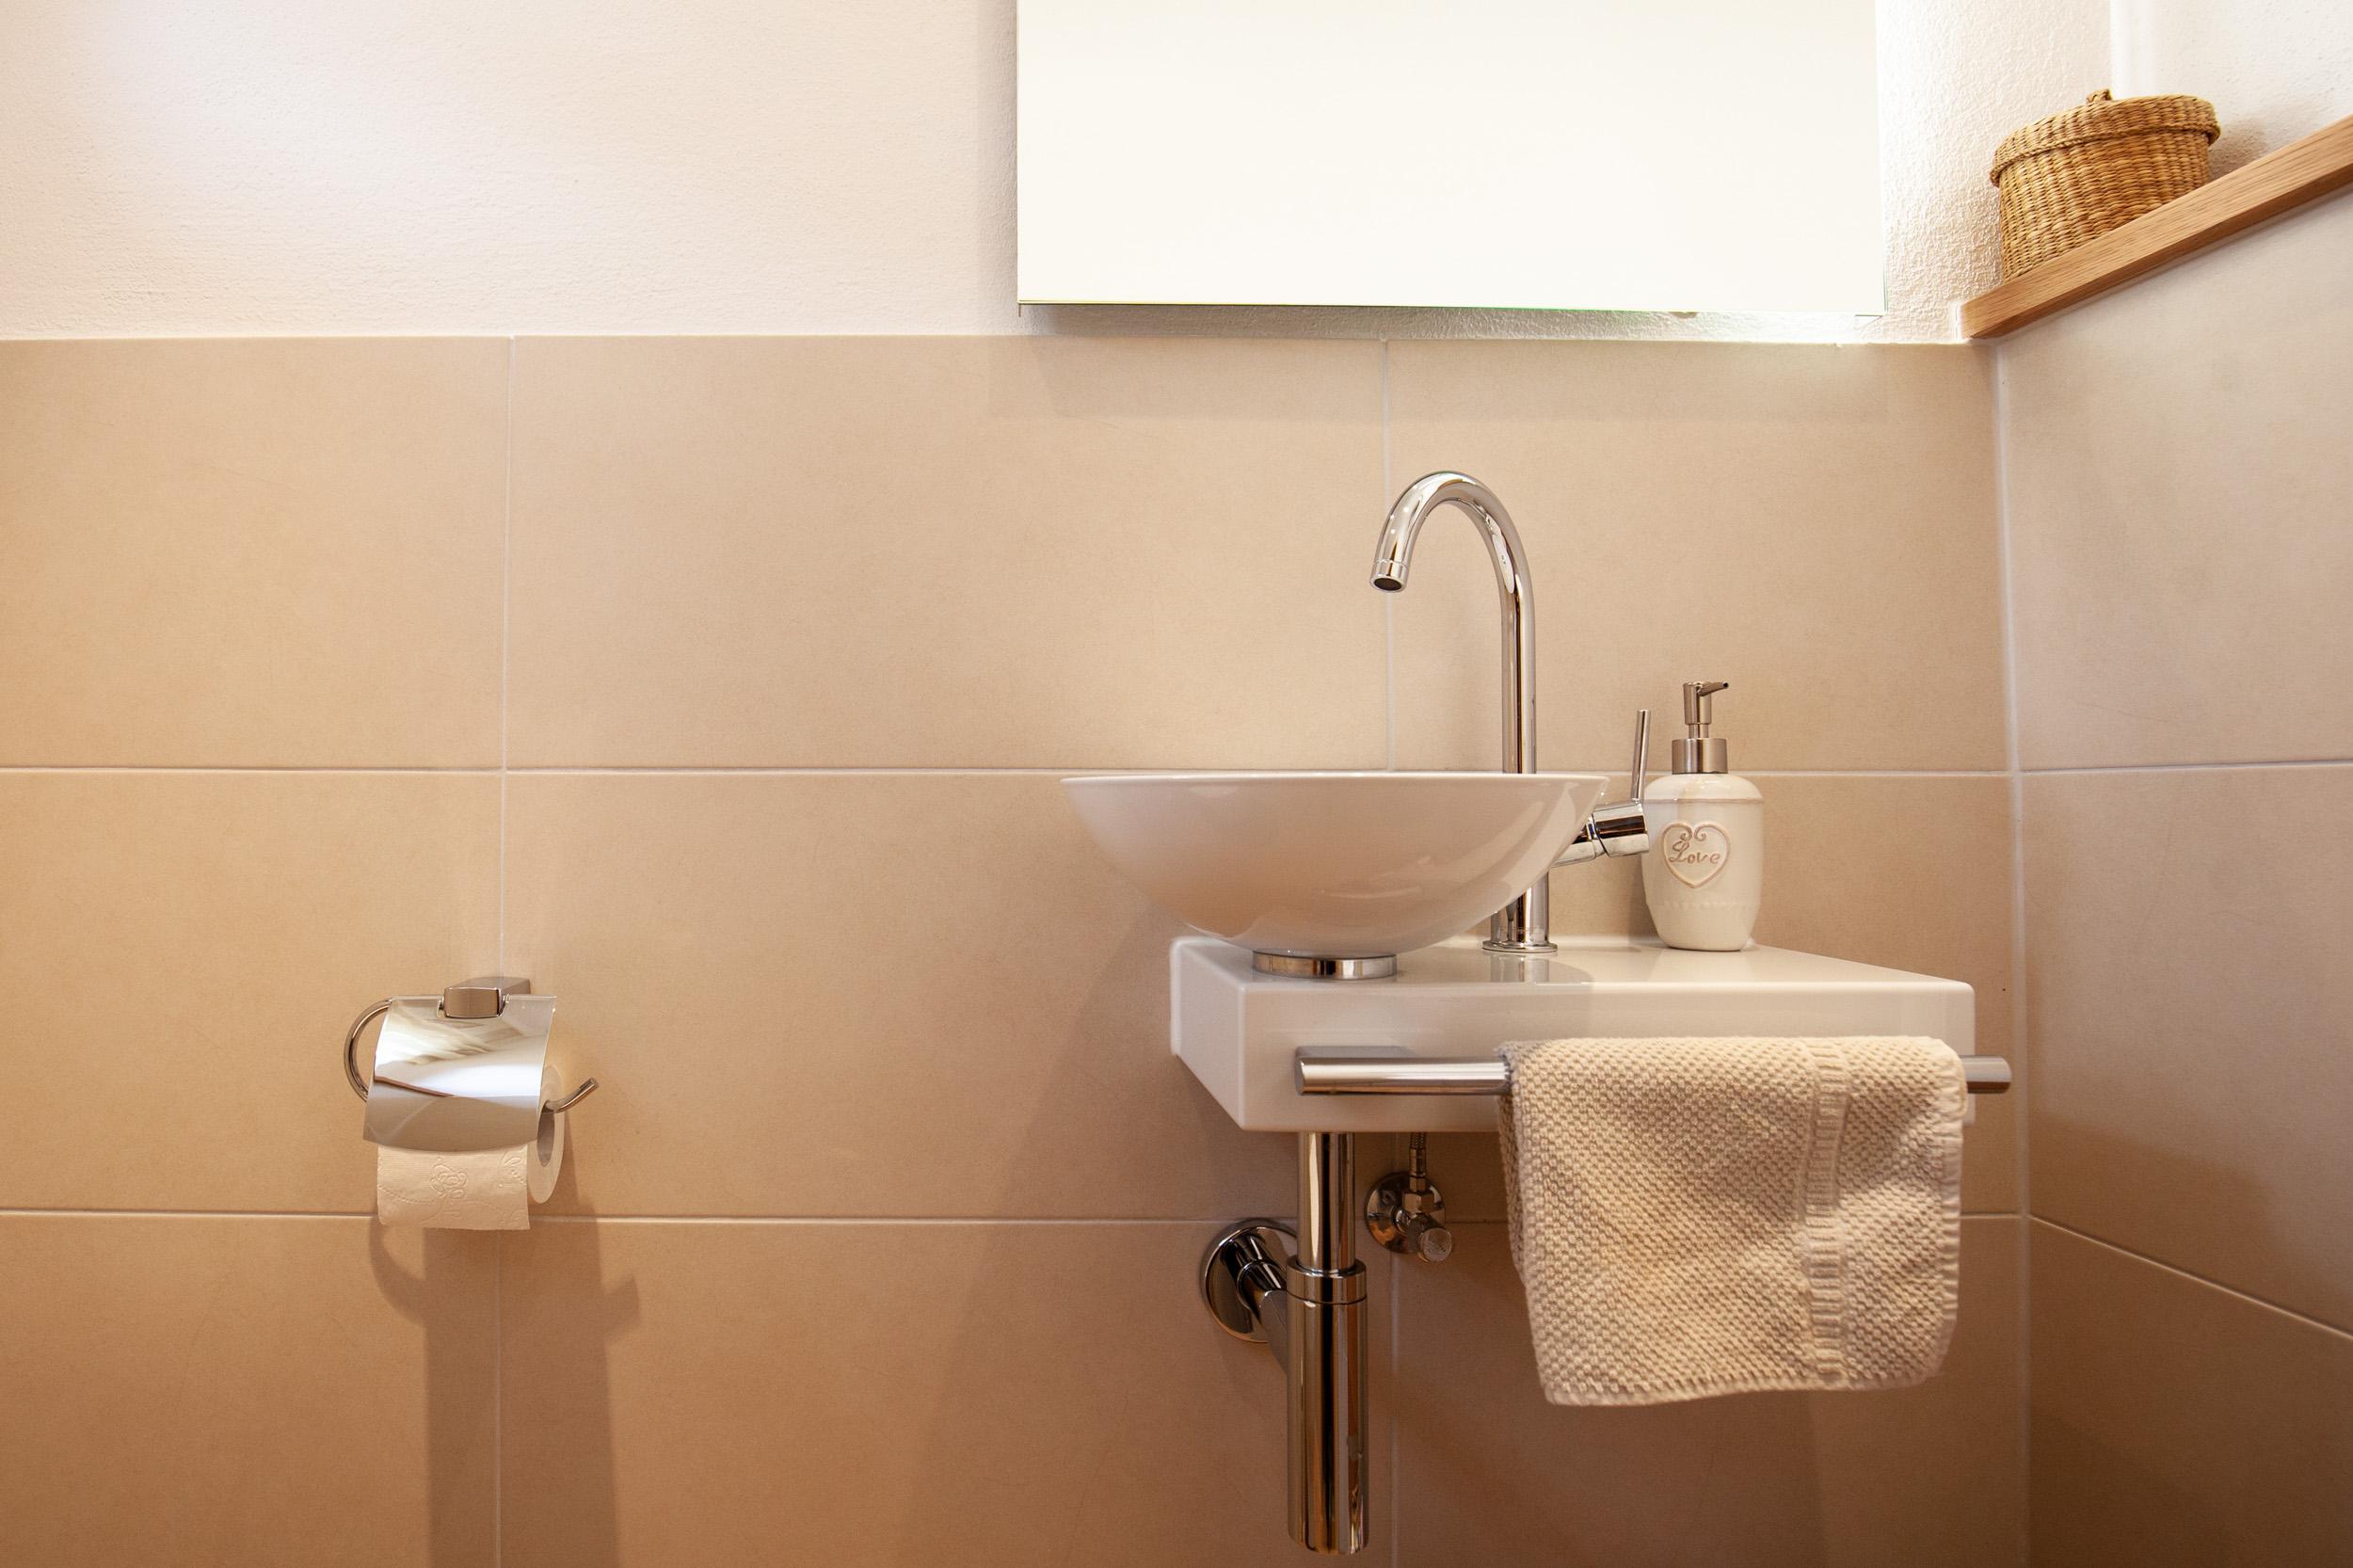 moestl Sanitär, Parsdorf, Heinzung, Service, Instandhaltung, Installateur, Badezimmer, Planung